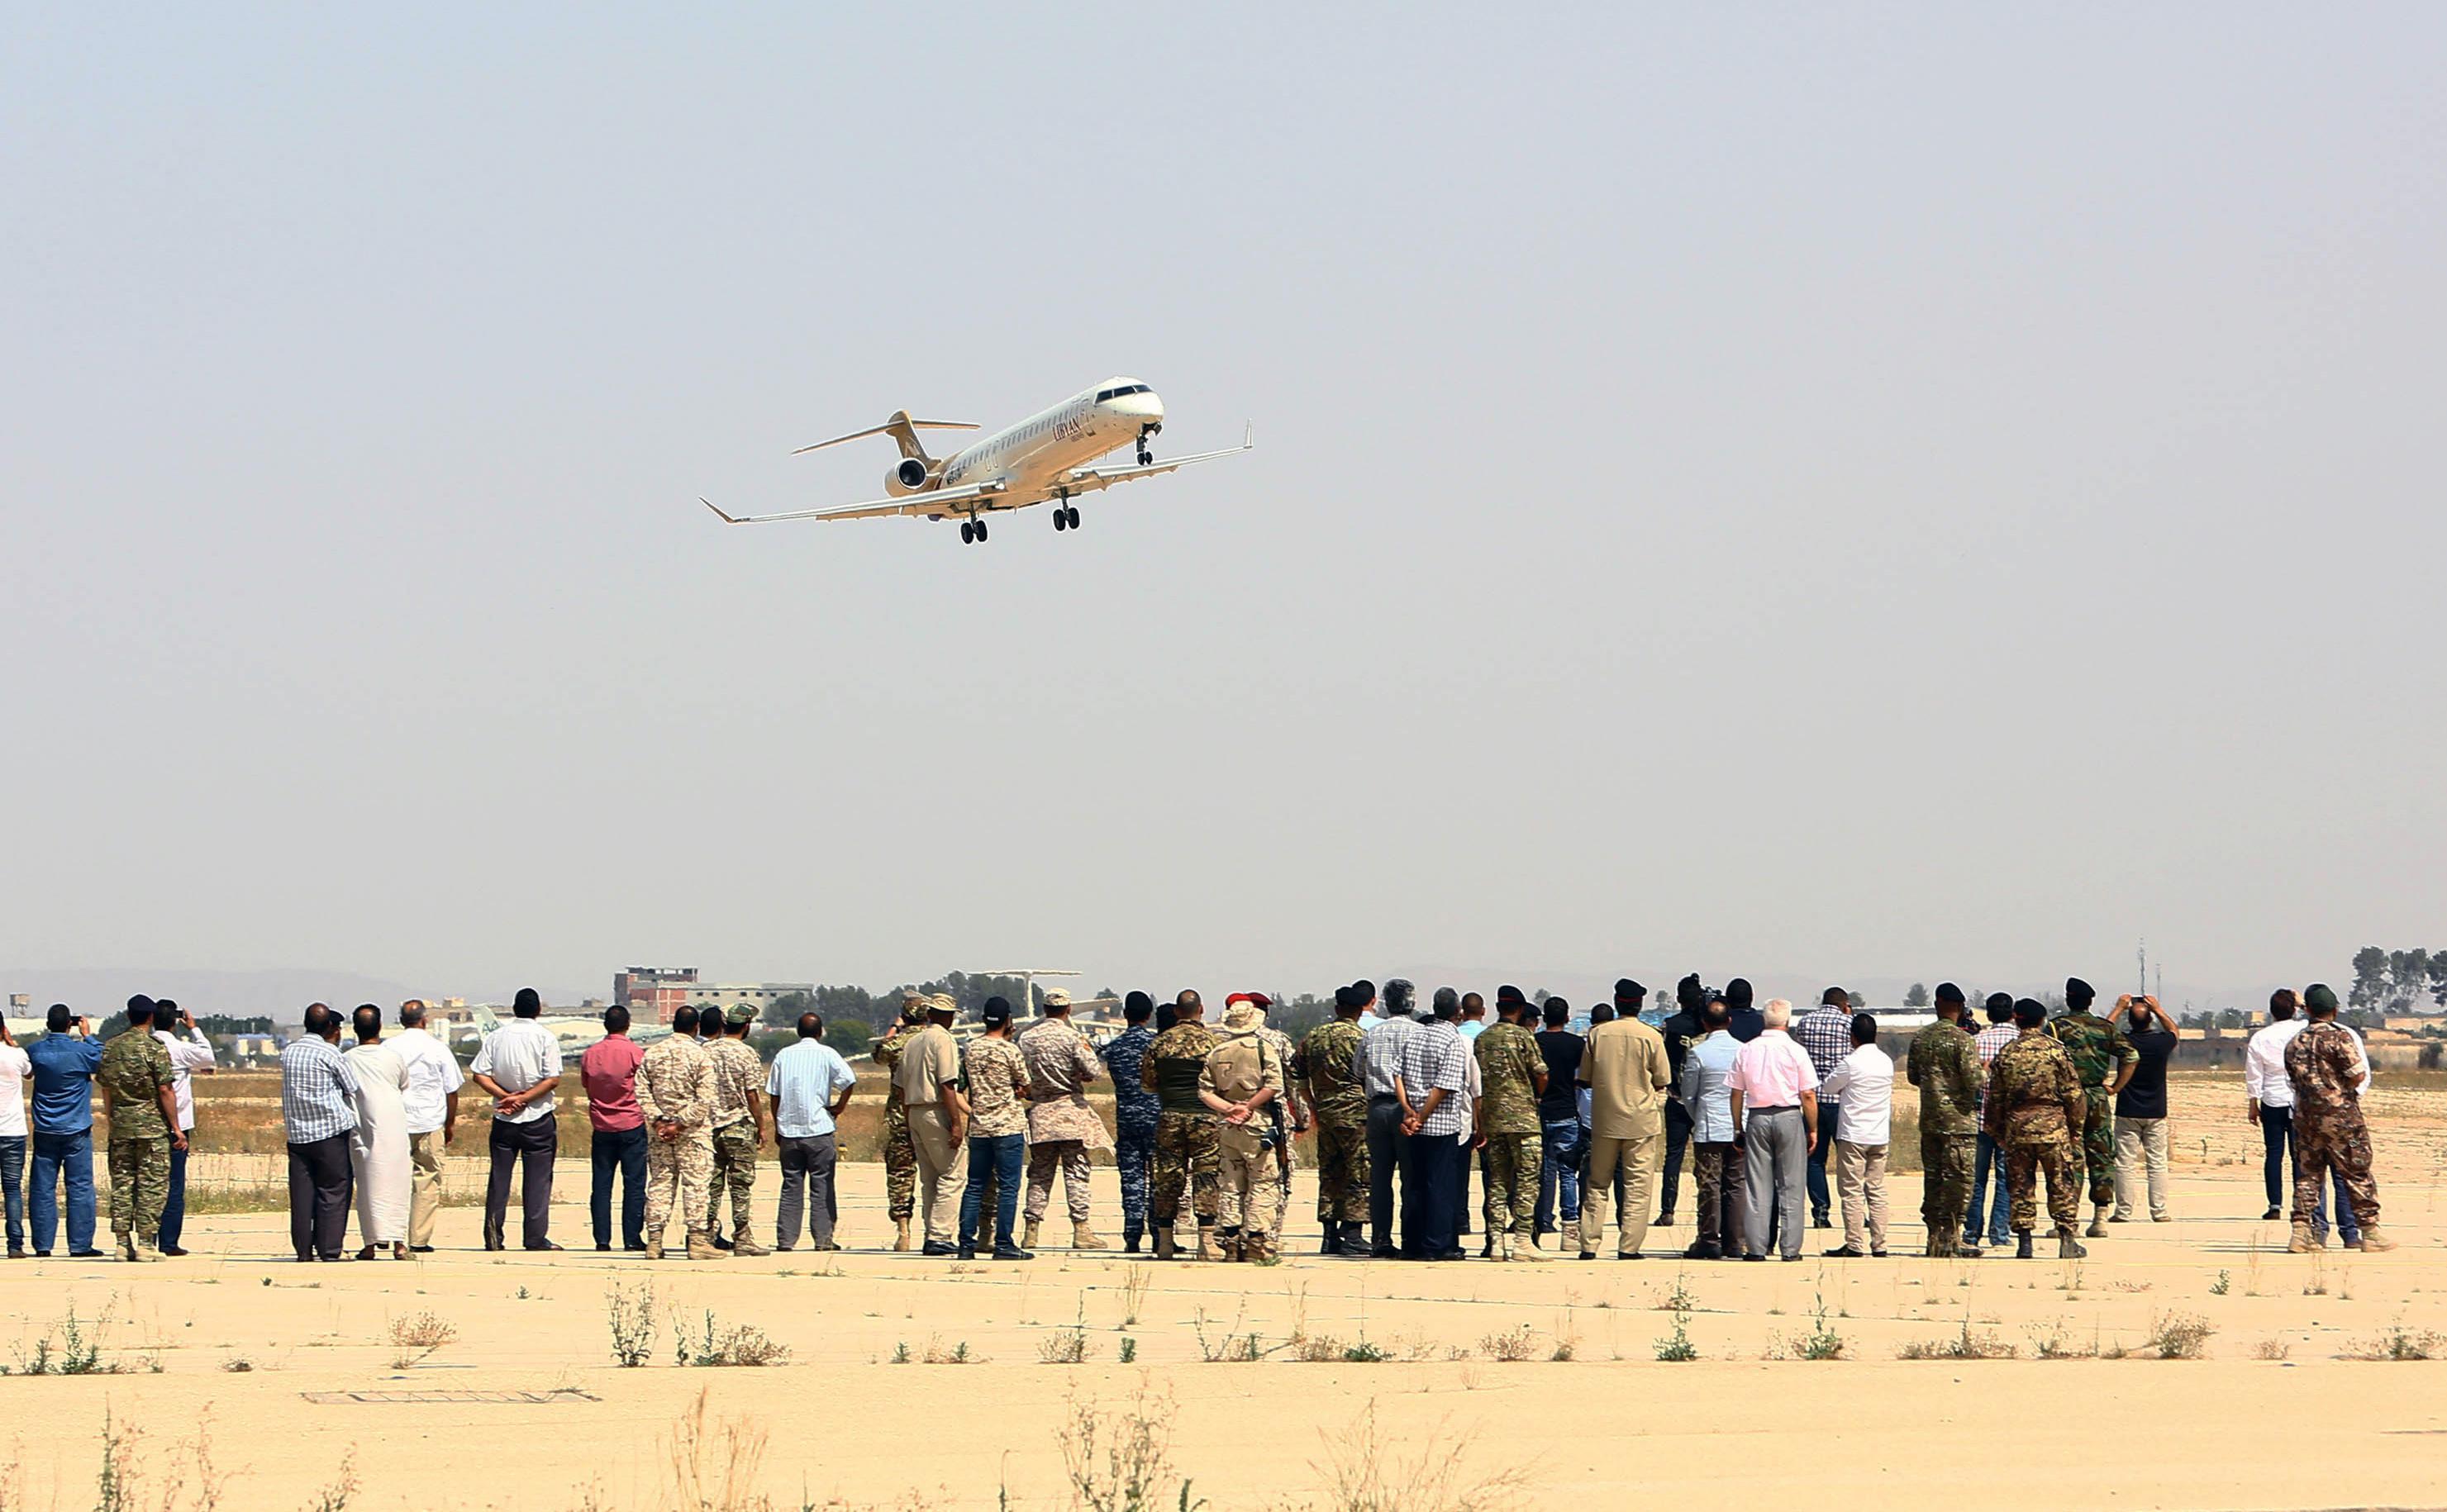 طائرة تابعة للخطوط الجوية الليبية تطير فوق مطار طرابلس الدولى